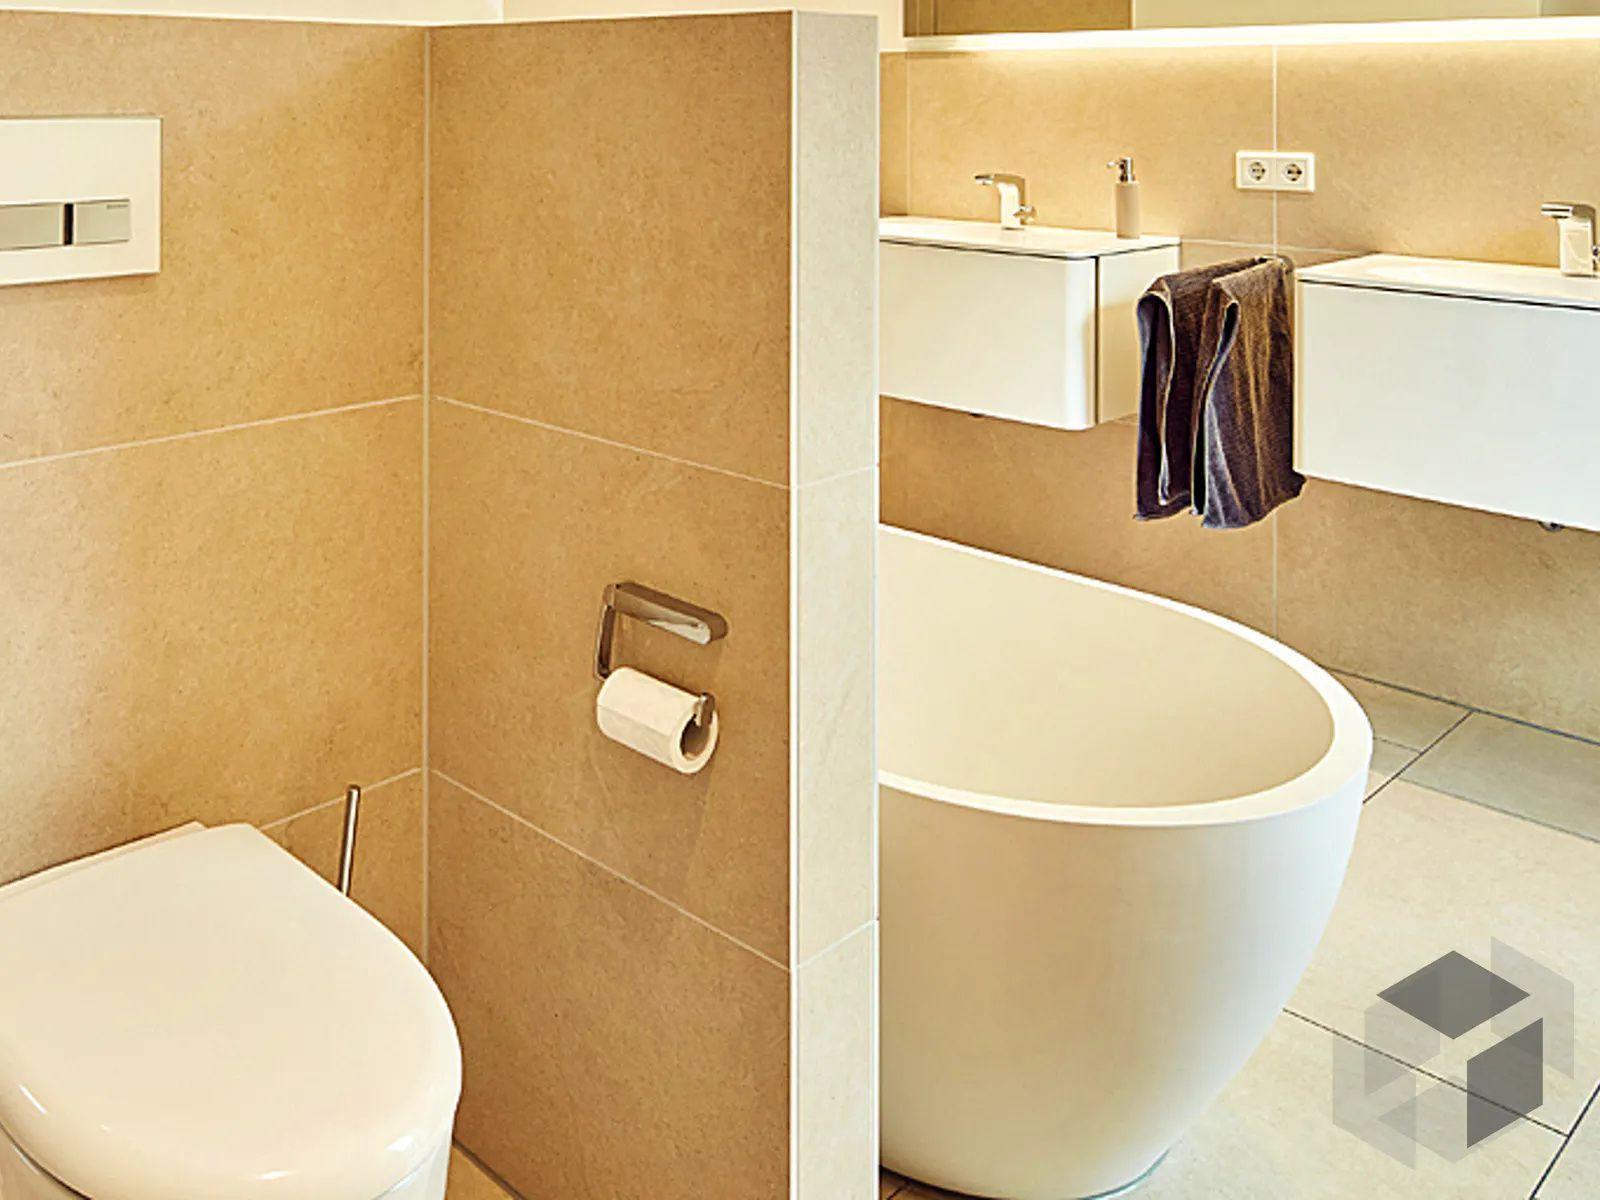 Badezimmer Einfamilienhaus Bungalow Walmdach 167 Von Luxhaus Hauser Und Anbieter Schnell Und Einfach Vergleichen Finden Sie Jetzt Ih